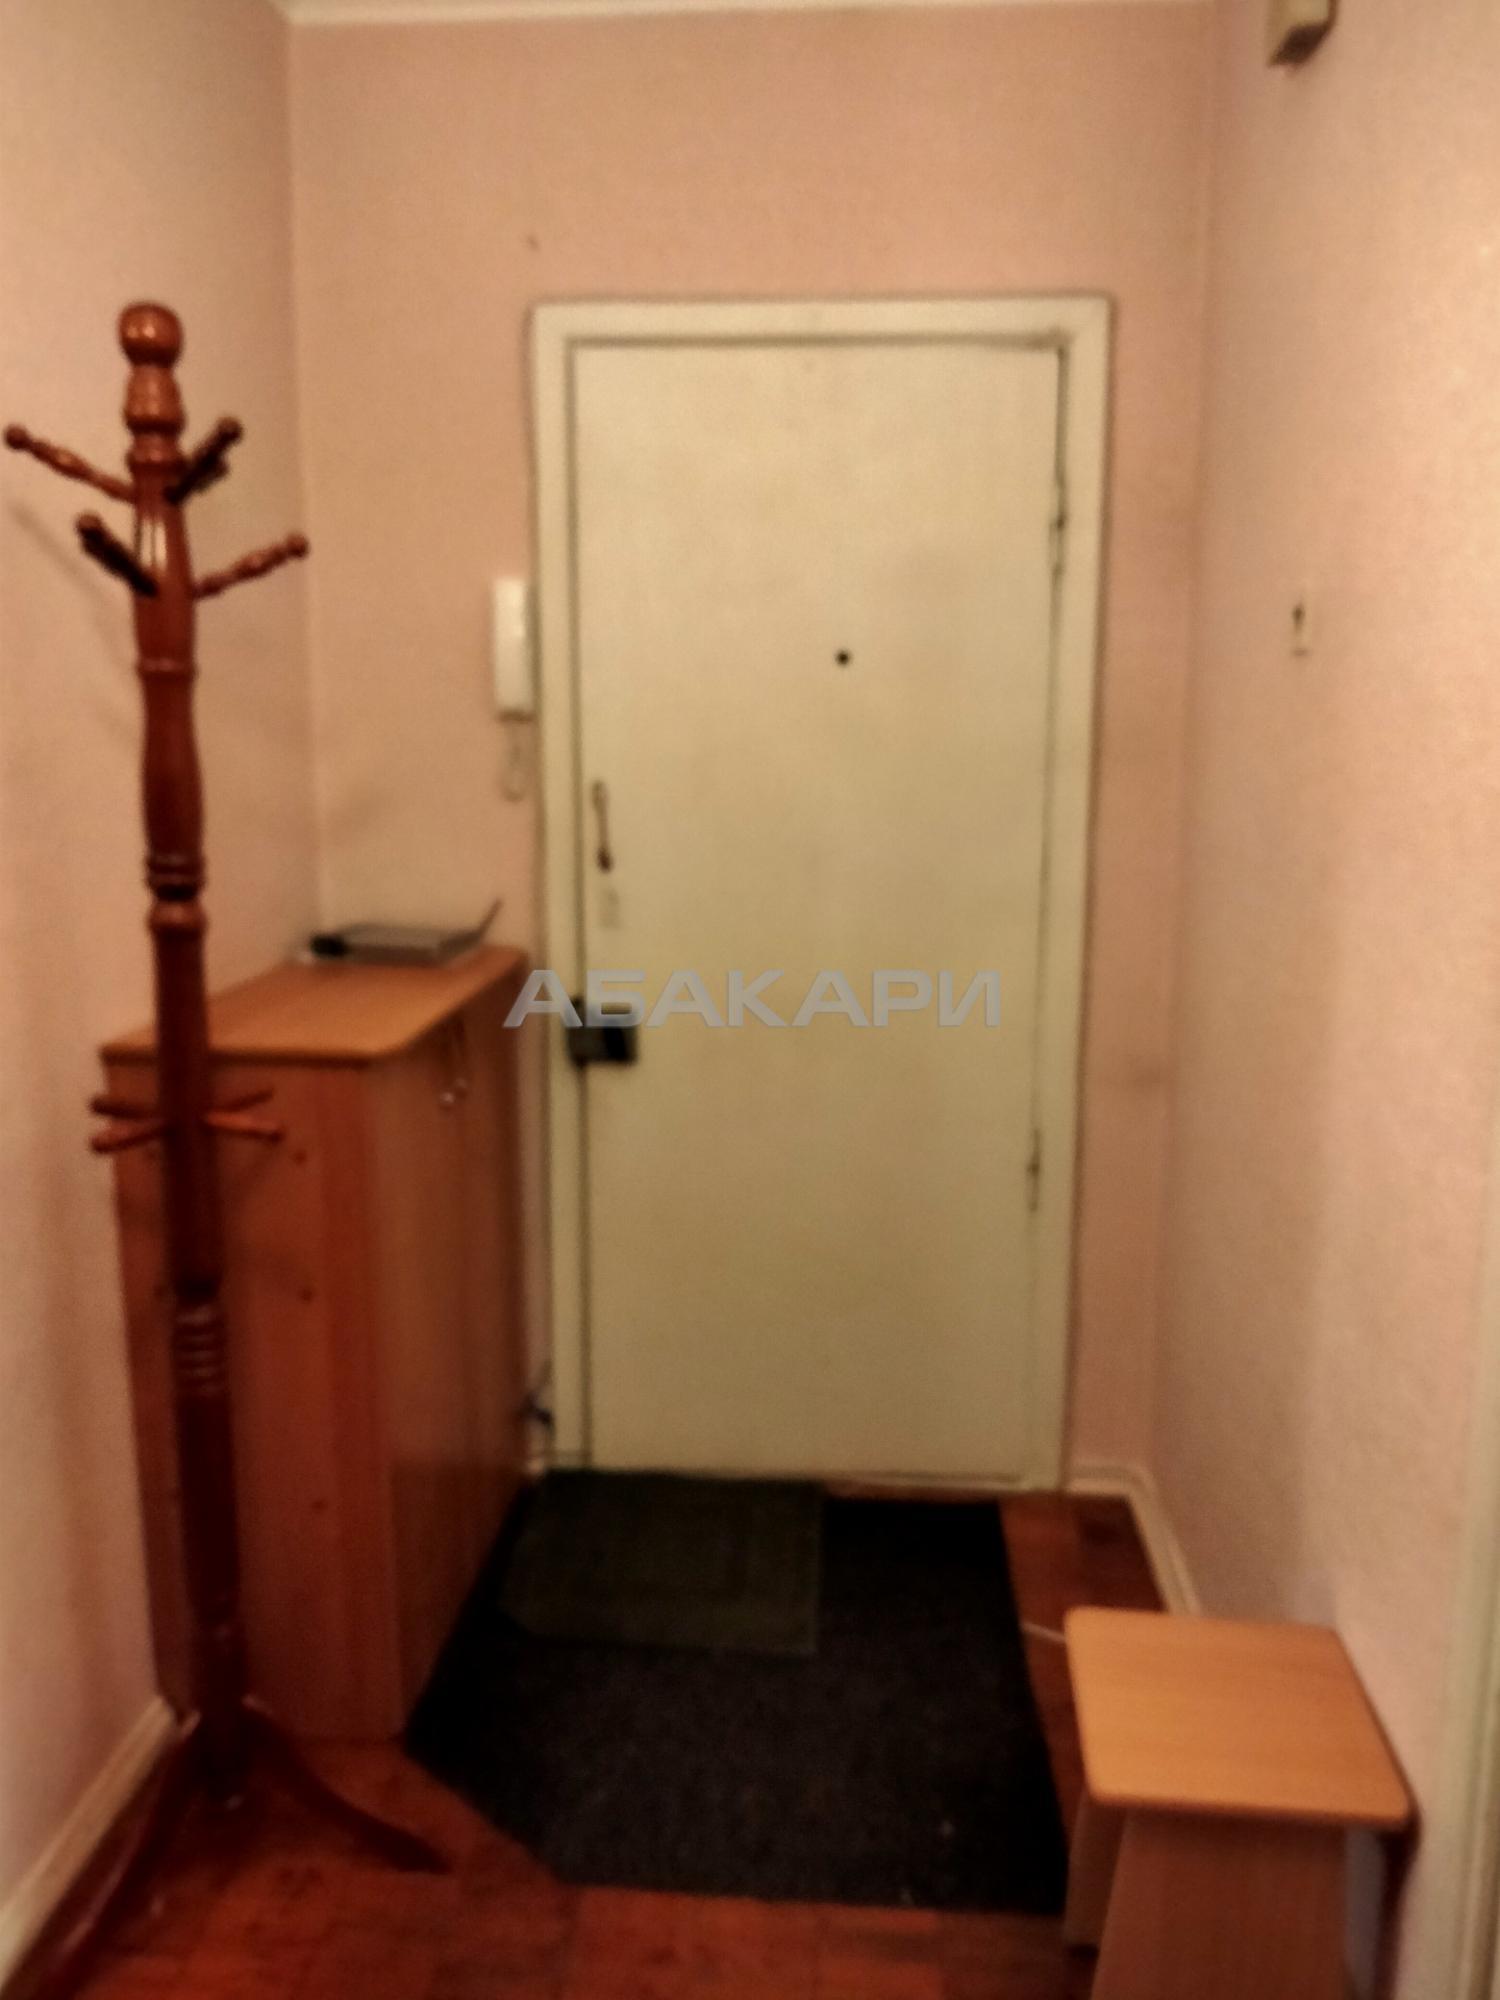 2к квартира улица Академгородок, 14 1/5 - 60кв | 16000 | аренда в Красноярске фото 10